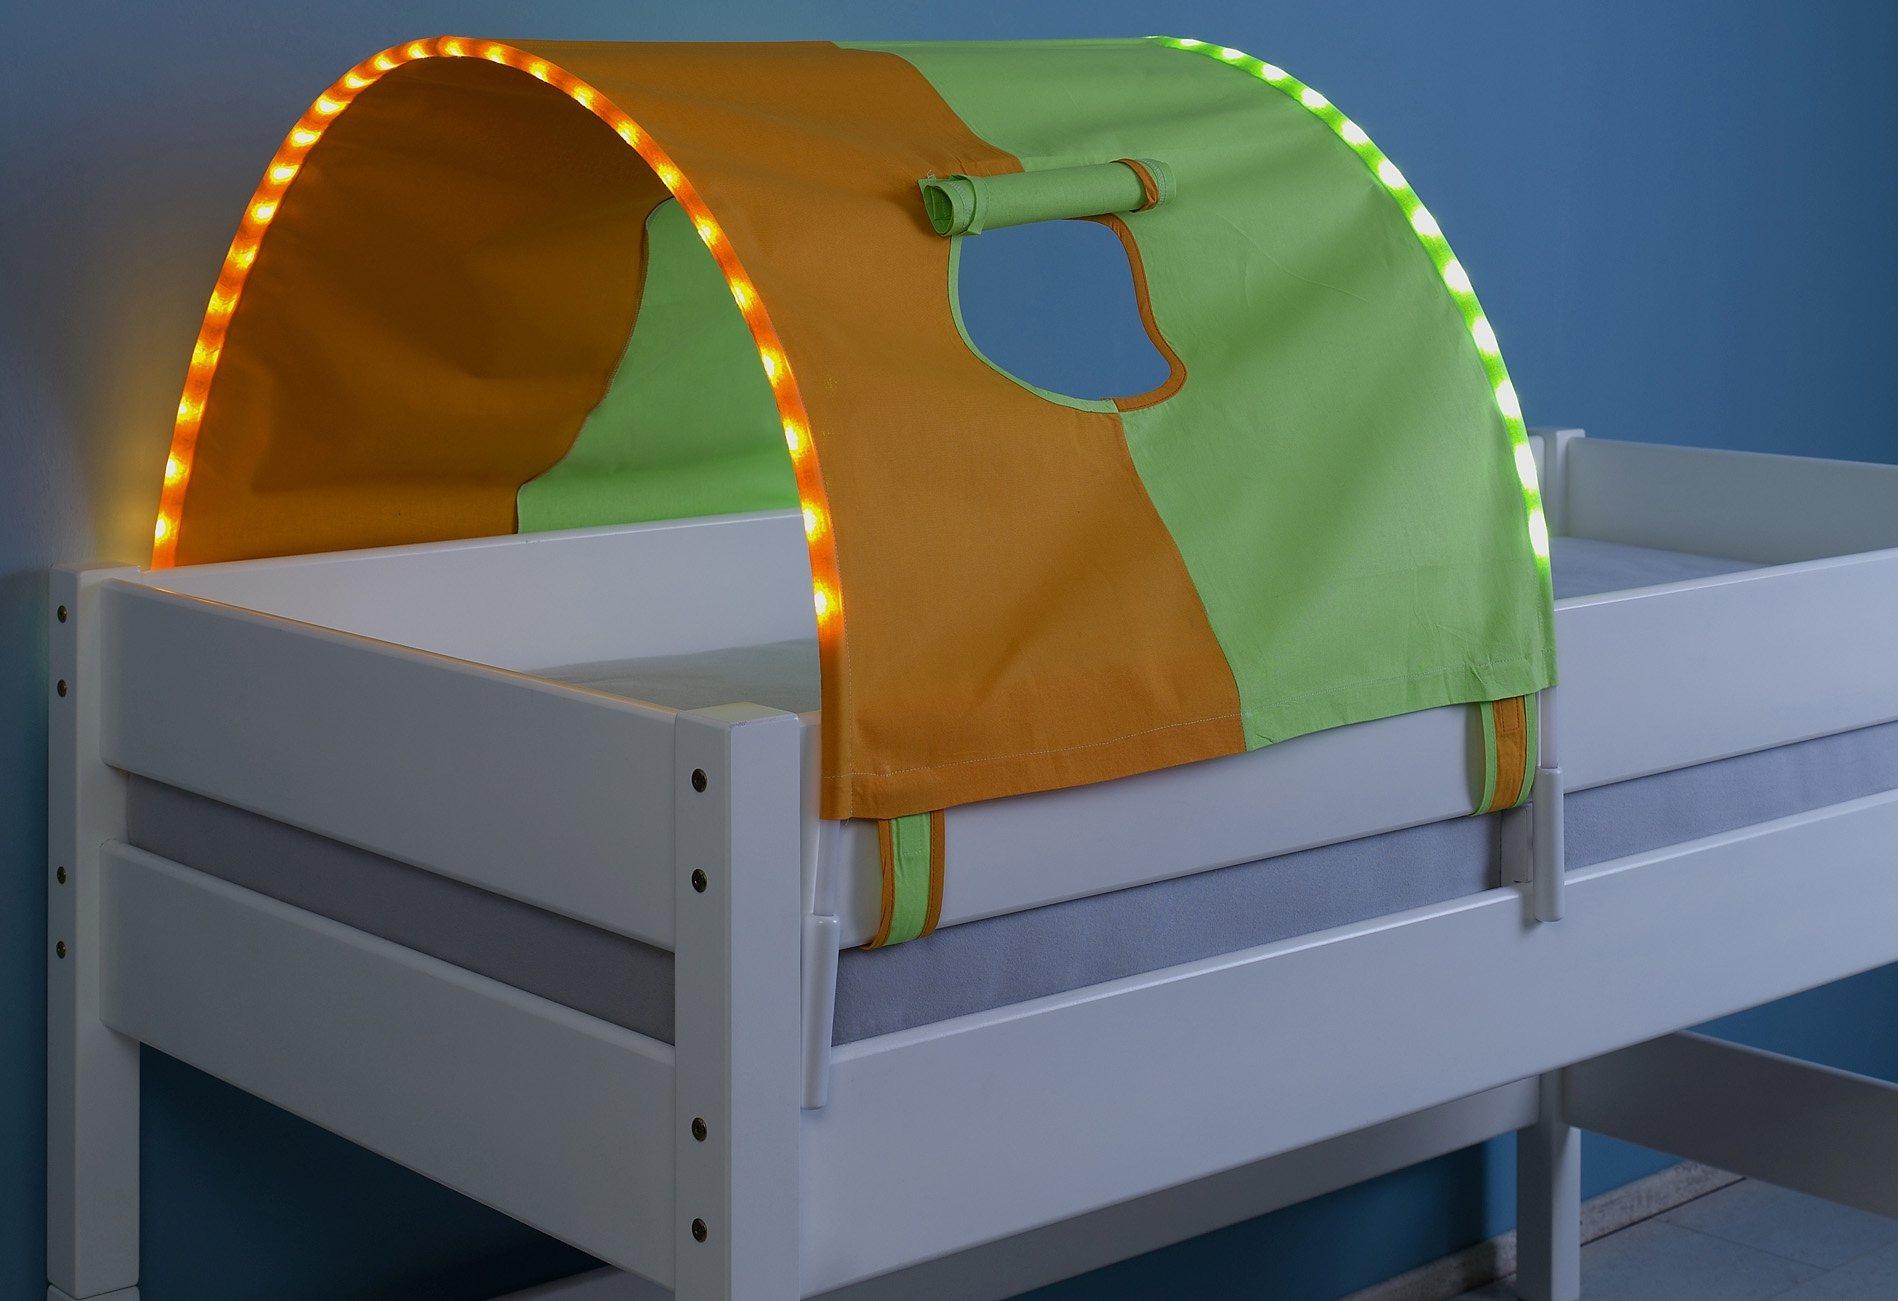 Relita LED-Tunnel   Kinderzimmer > Kinderbetten > Baldachine & Tunnels   Stoff - Baumwolle   Relita